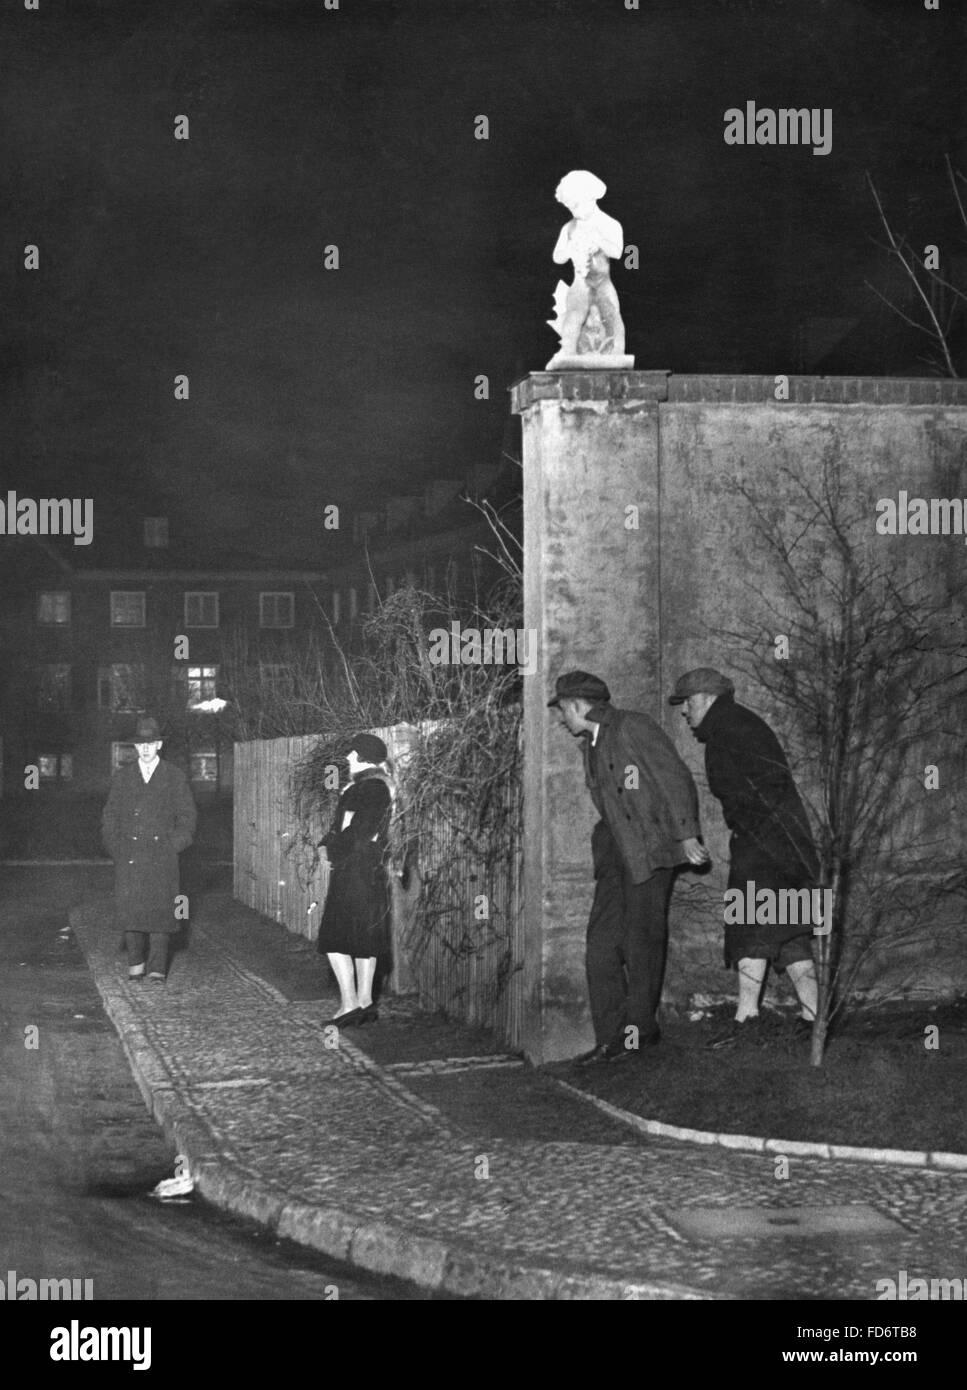 Berlin prostituierten Edelprostituierte ?